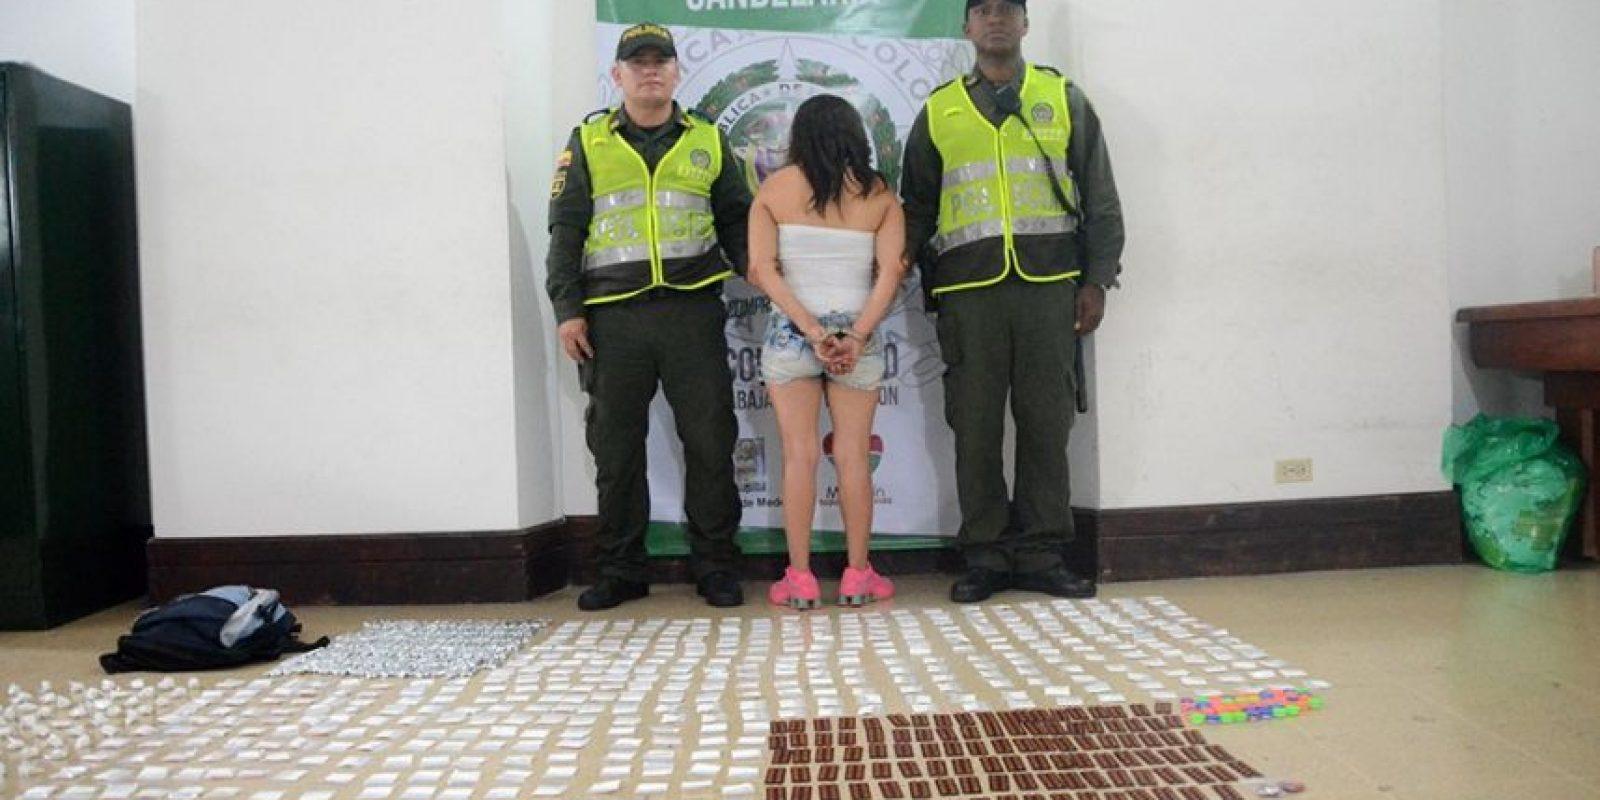 La mujer tenía en su poder 1.536 gramos de cocaína, 1.700 pastillas de rivotril y 400 gramos de cocaína. Foto:Cortesía Policía Metropolitana del Valle de Aburrá